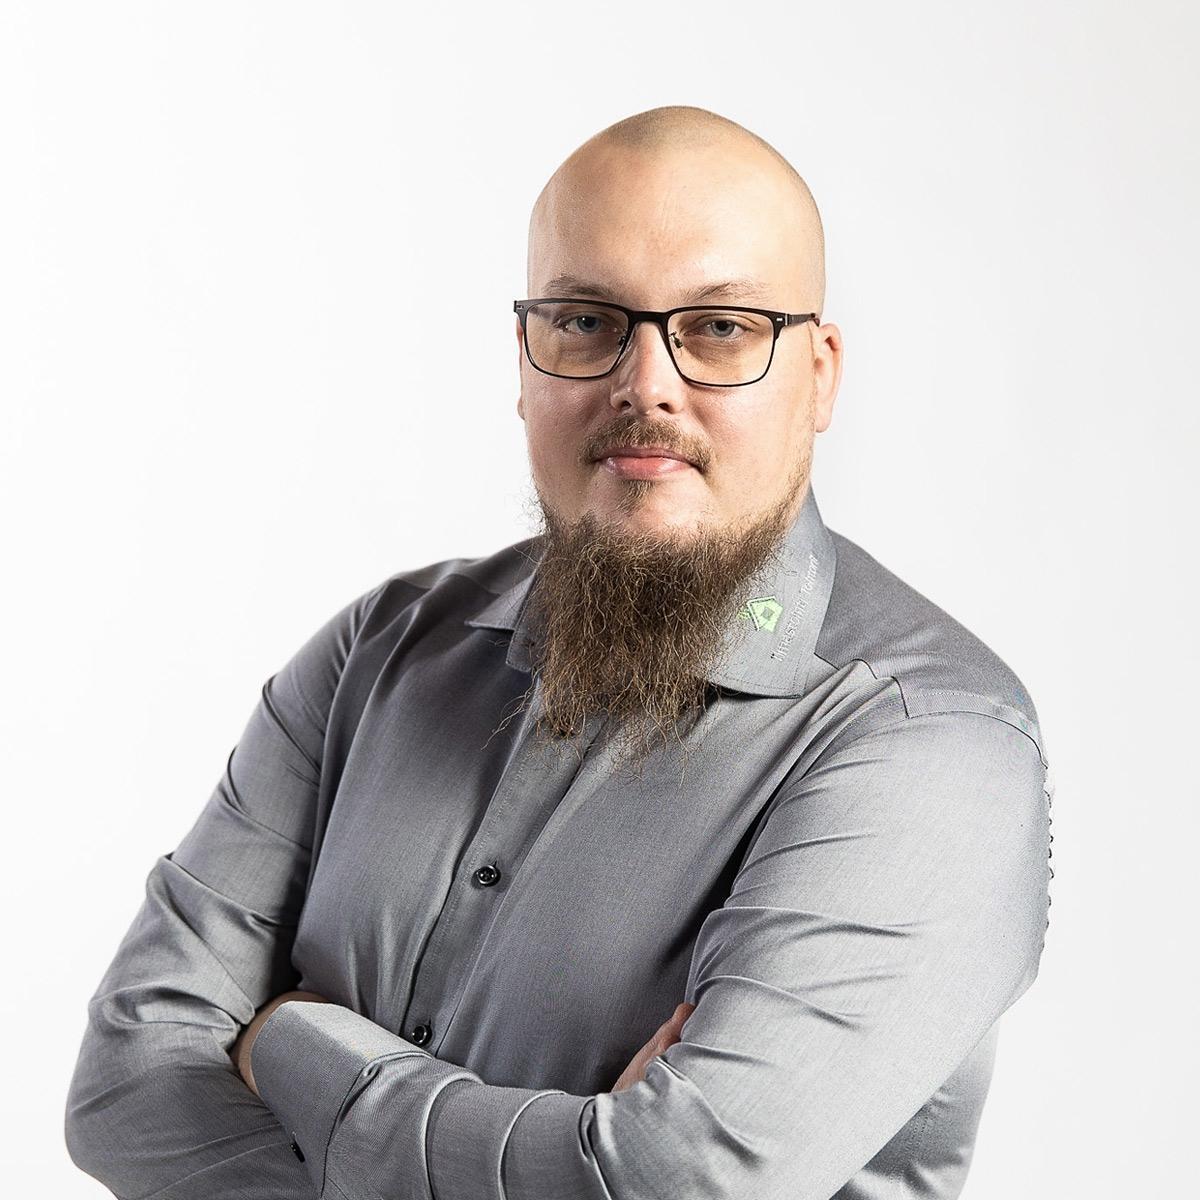 Jani Kriikkula